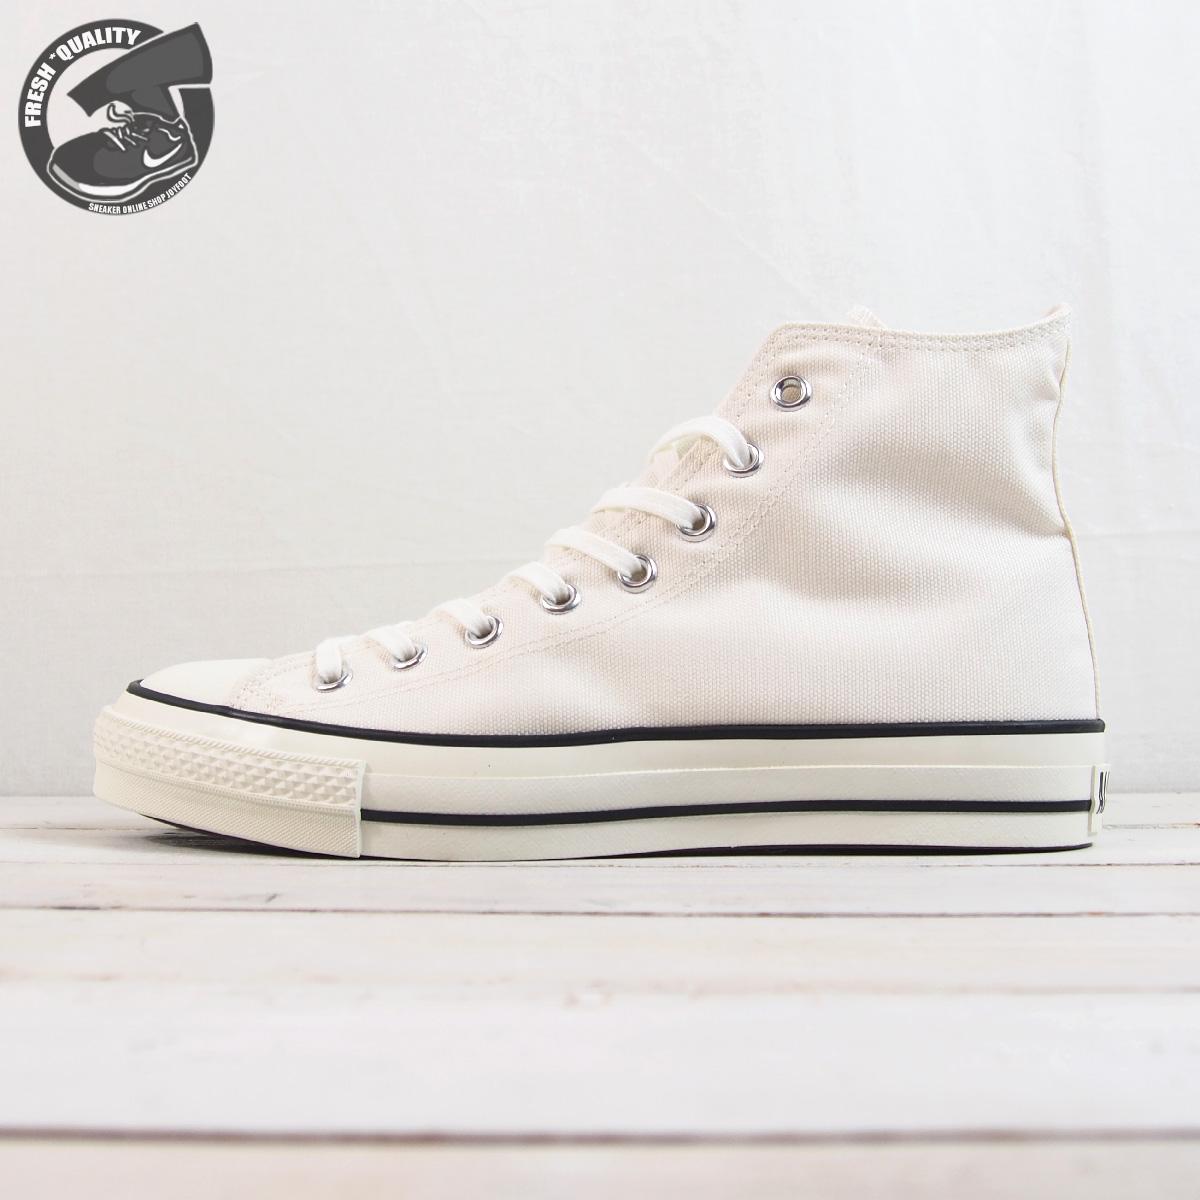 32067960 CONVERSE CANVAS ALL STAR J HI WHITE Converse canvas all stars Japan high white constant sellers